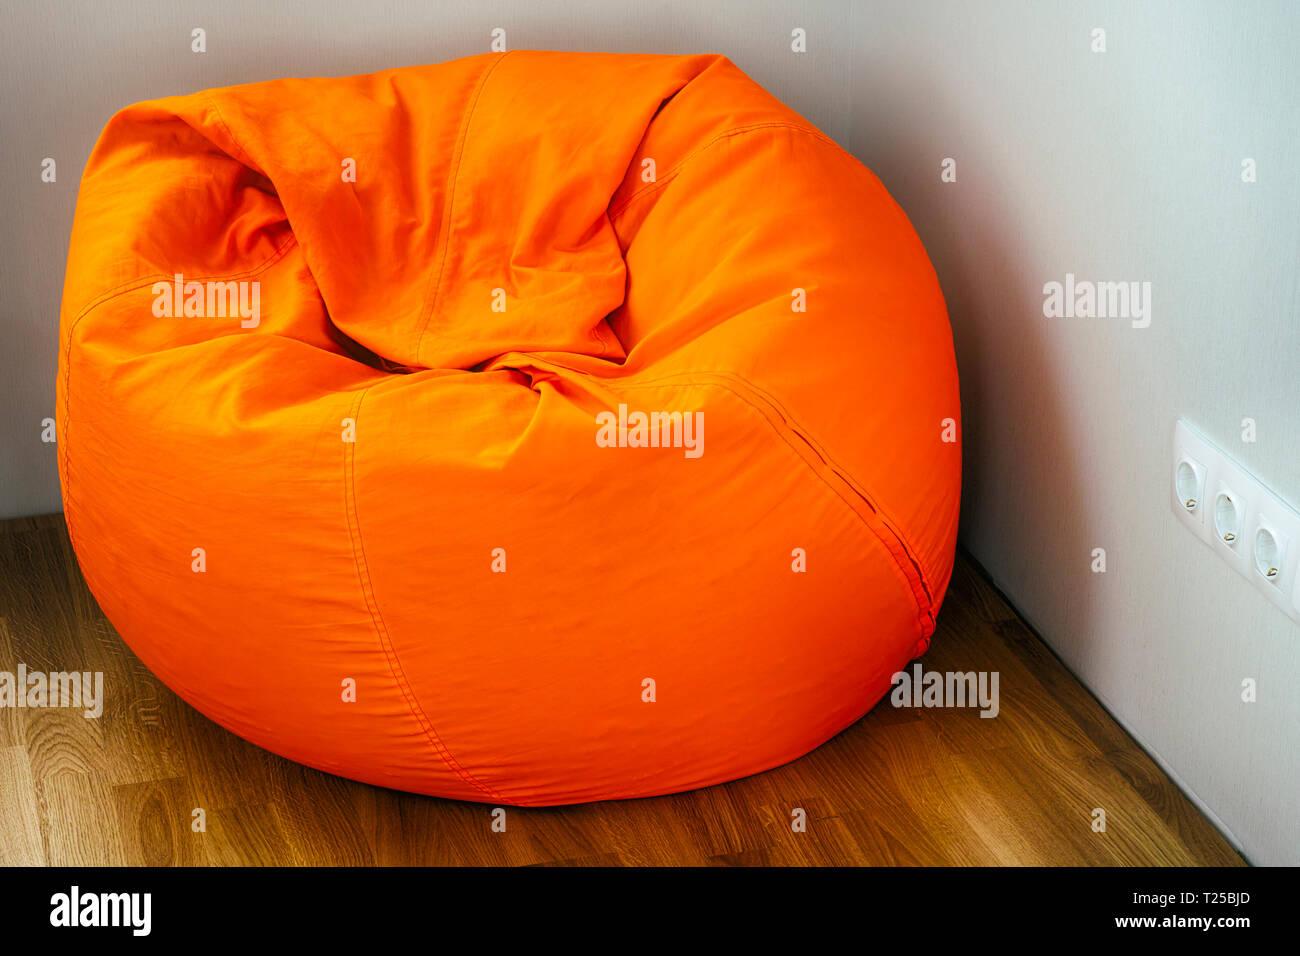 Orange beanbag in room corner - Stock Image